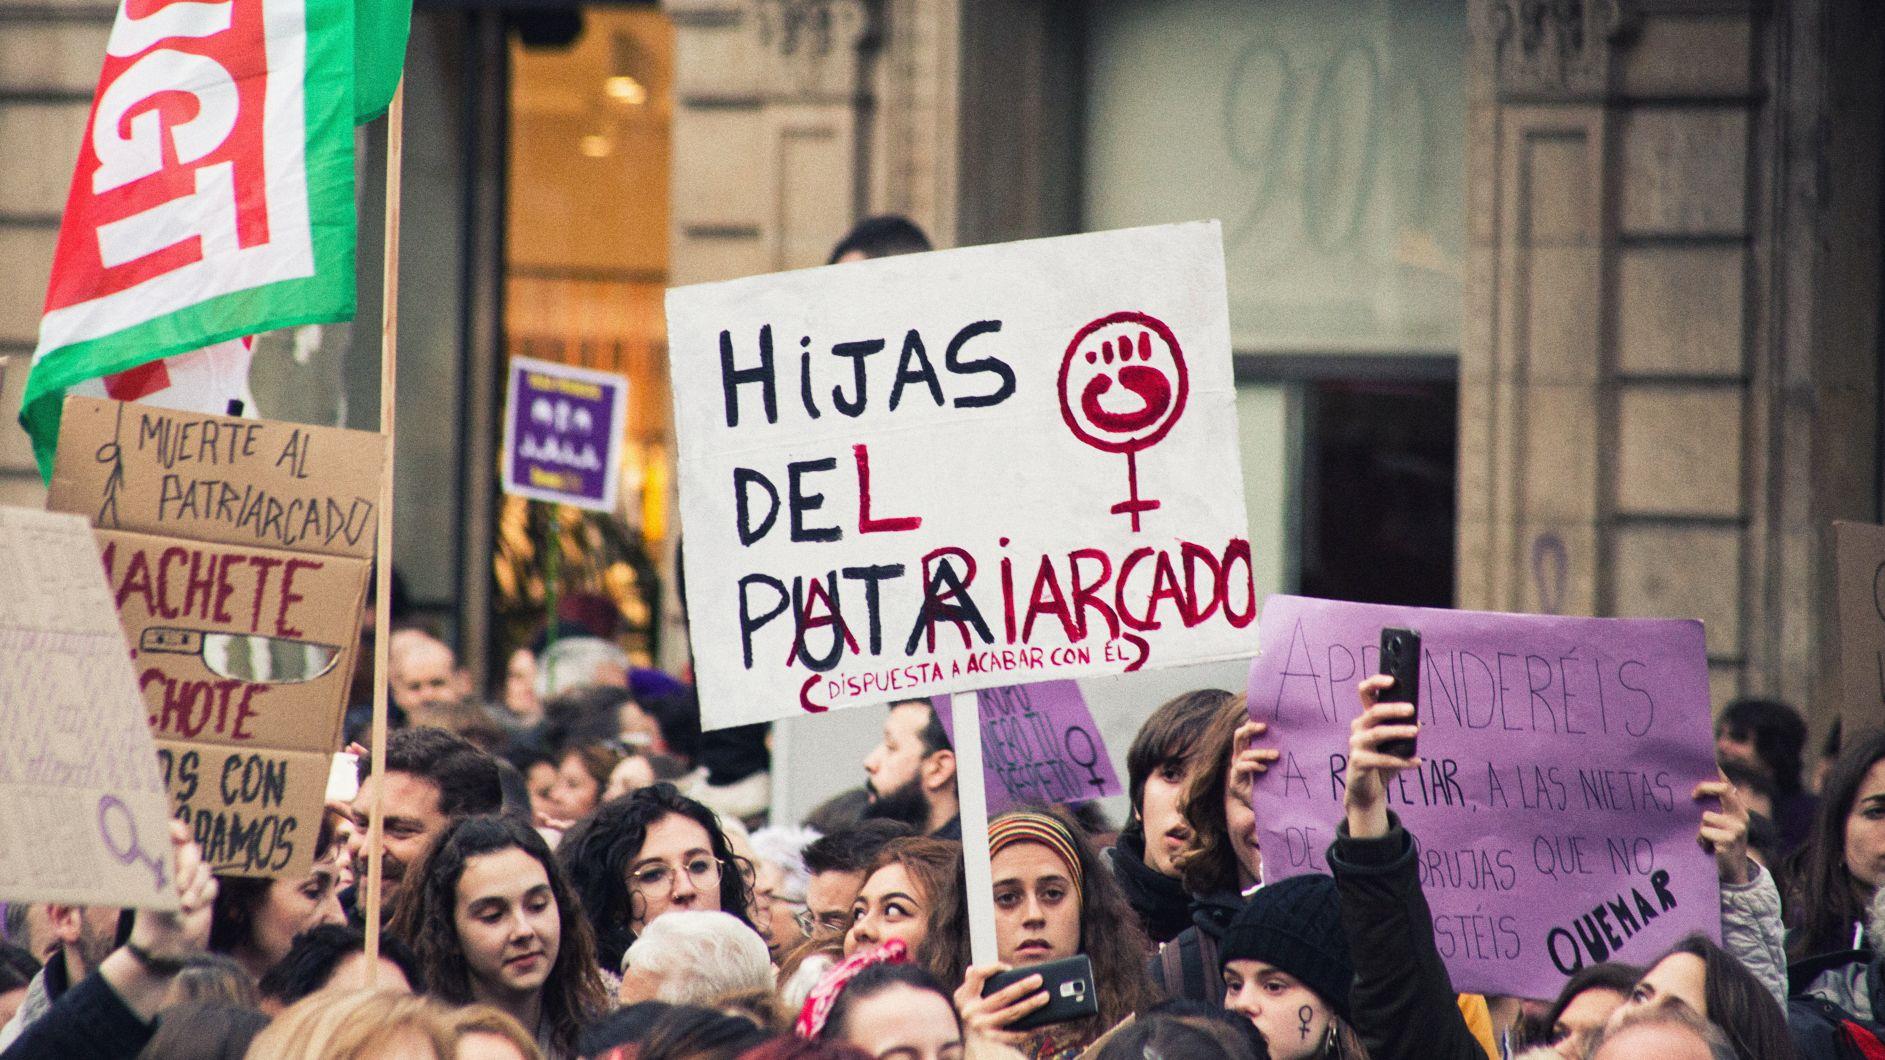 Contra el feminismo punitivo: herramientas para destruir la casa del amo